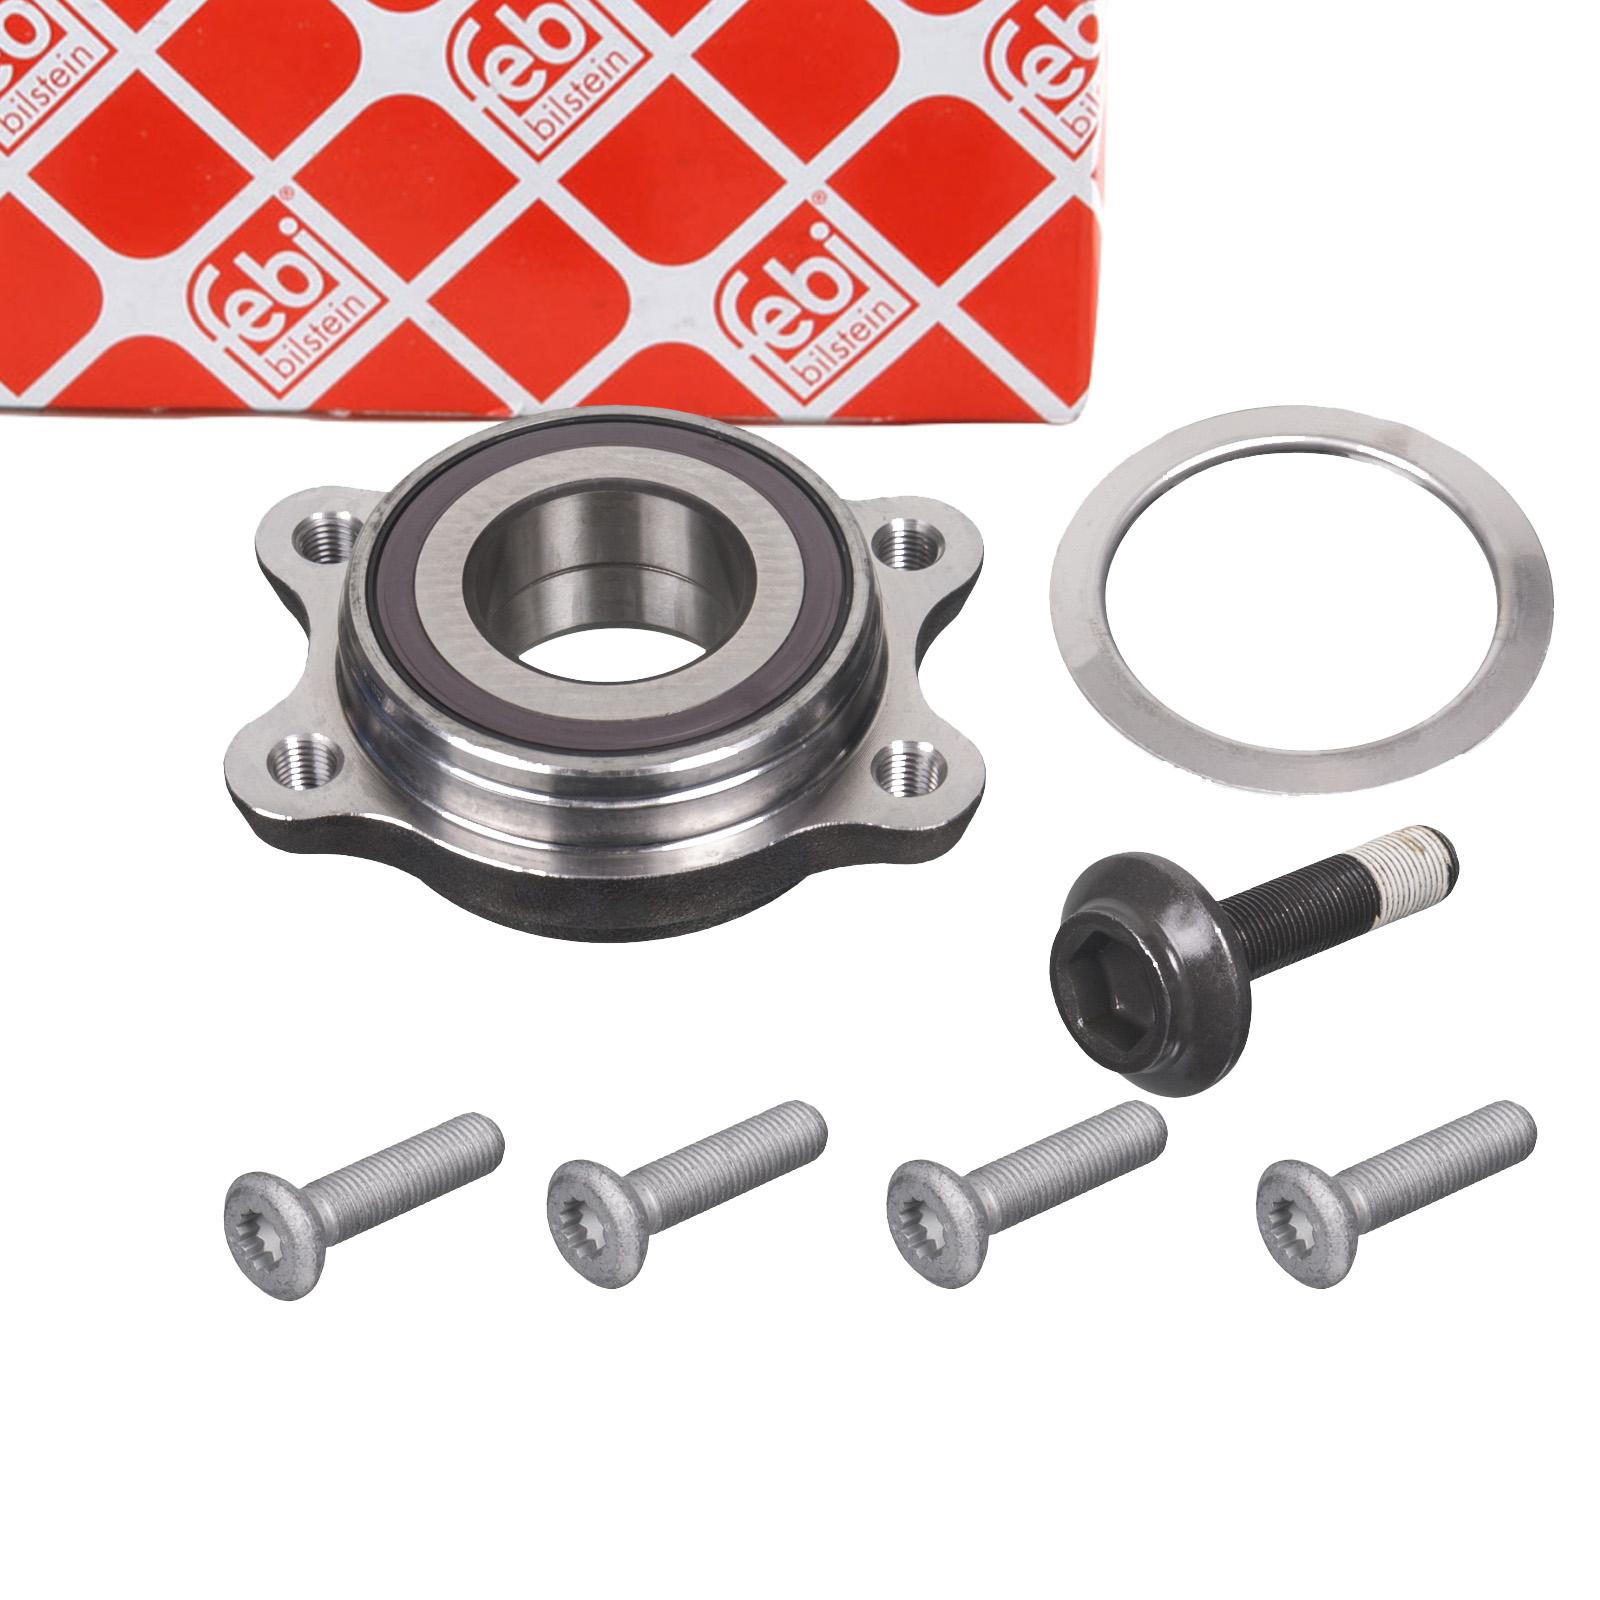 FEBI 102315 Radlagersatz Radnabe AUDI A8 (4D) 2.8-6.0 / S8 / 2.5-3.3 TDI vorne 4F0598625A